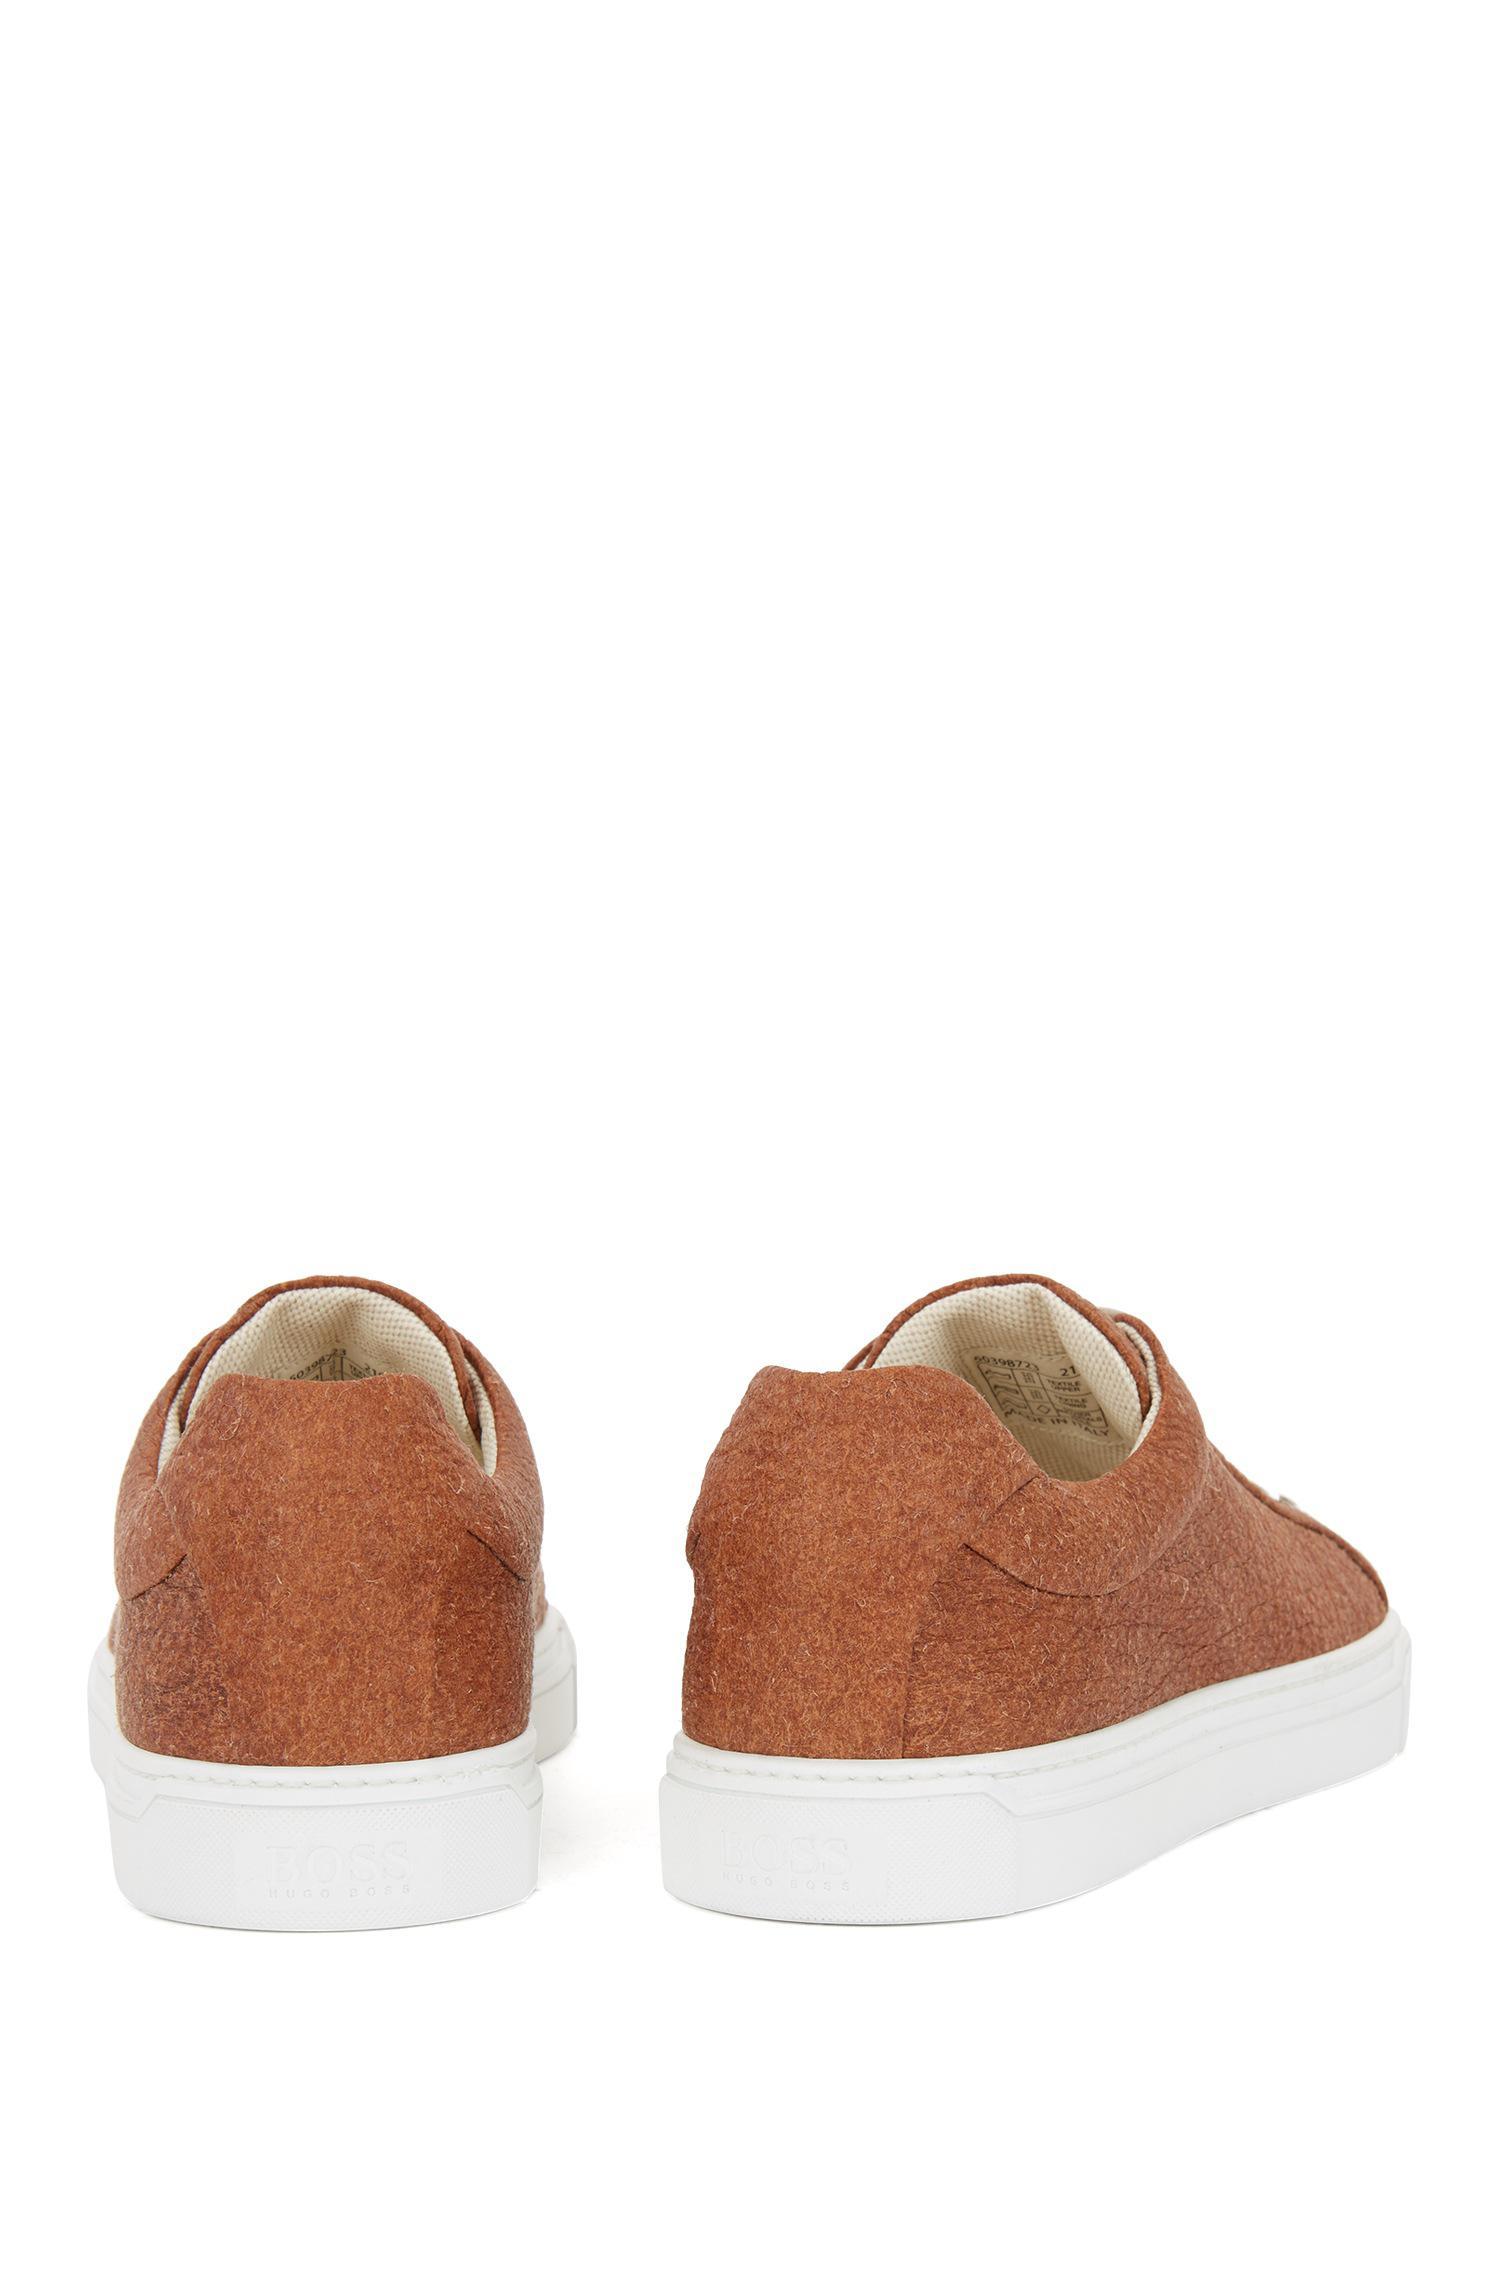 eea2b66b1c7 BOSS - Brown Limited-edition 100% Vegan Sneakers In Piñatex® for Men -.  View fullscreen